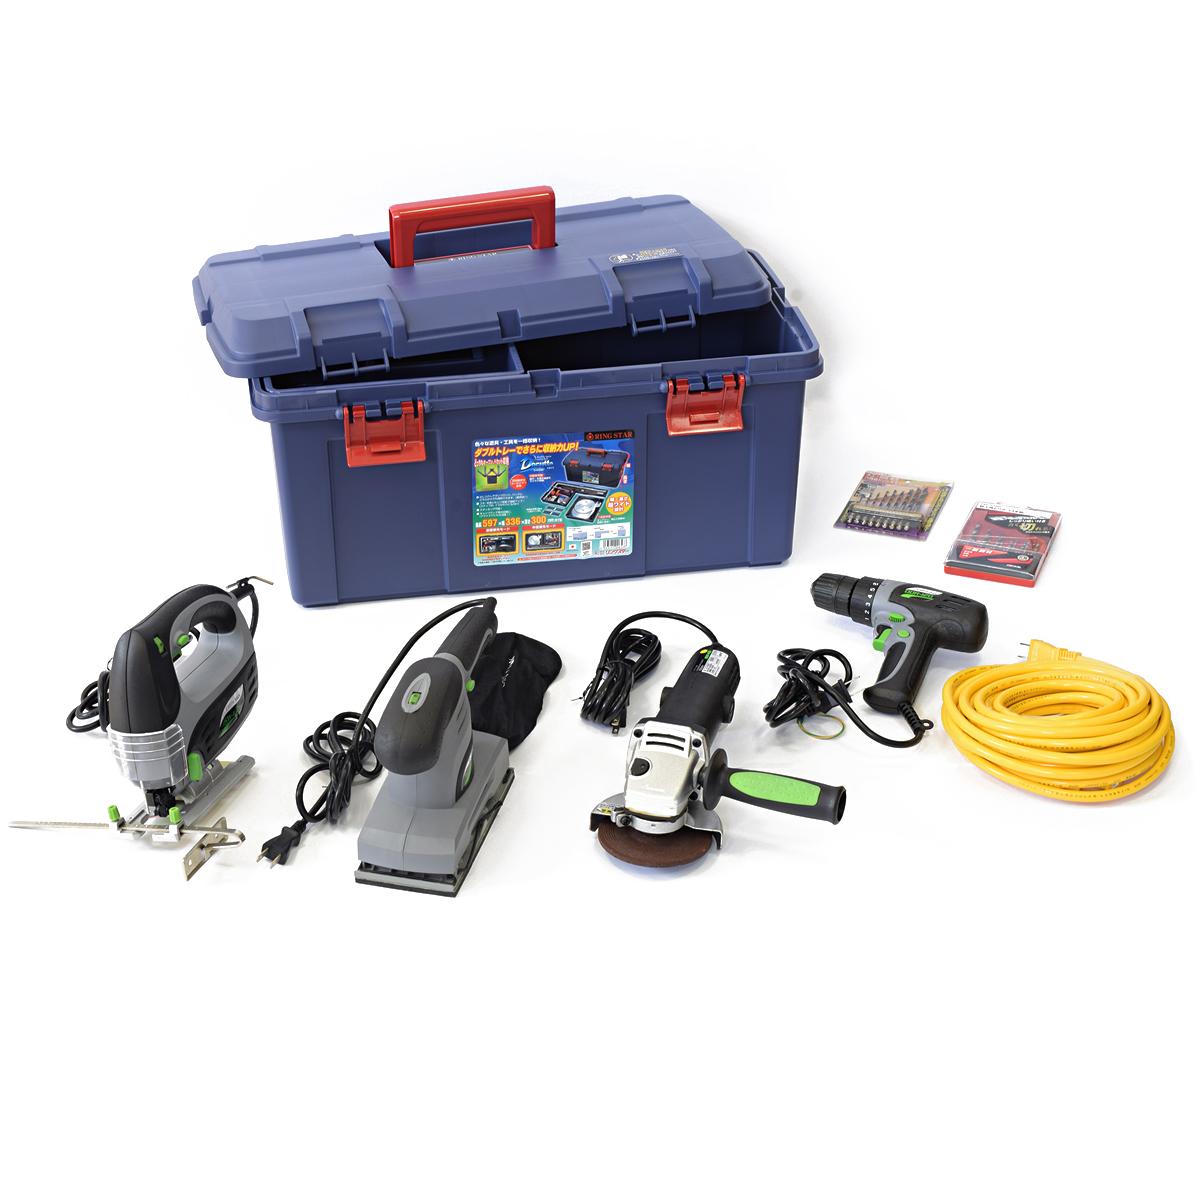 電動工具5機種セット BT-AC5 【 DIY 電動 加工 ルーター ドリル ジグソー グラインダー サンダー 】